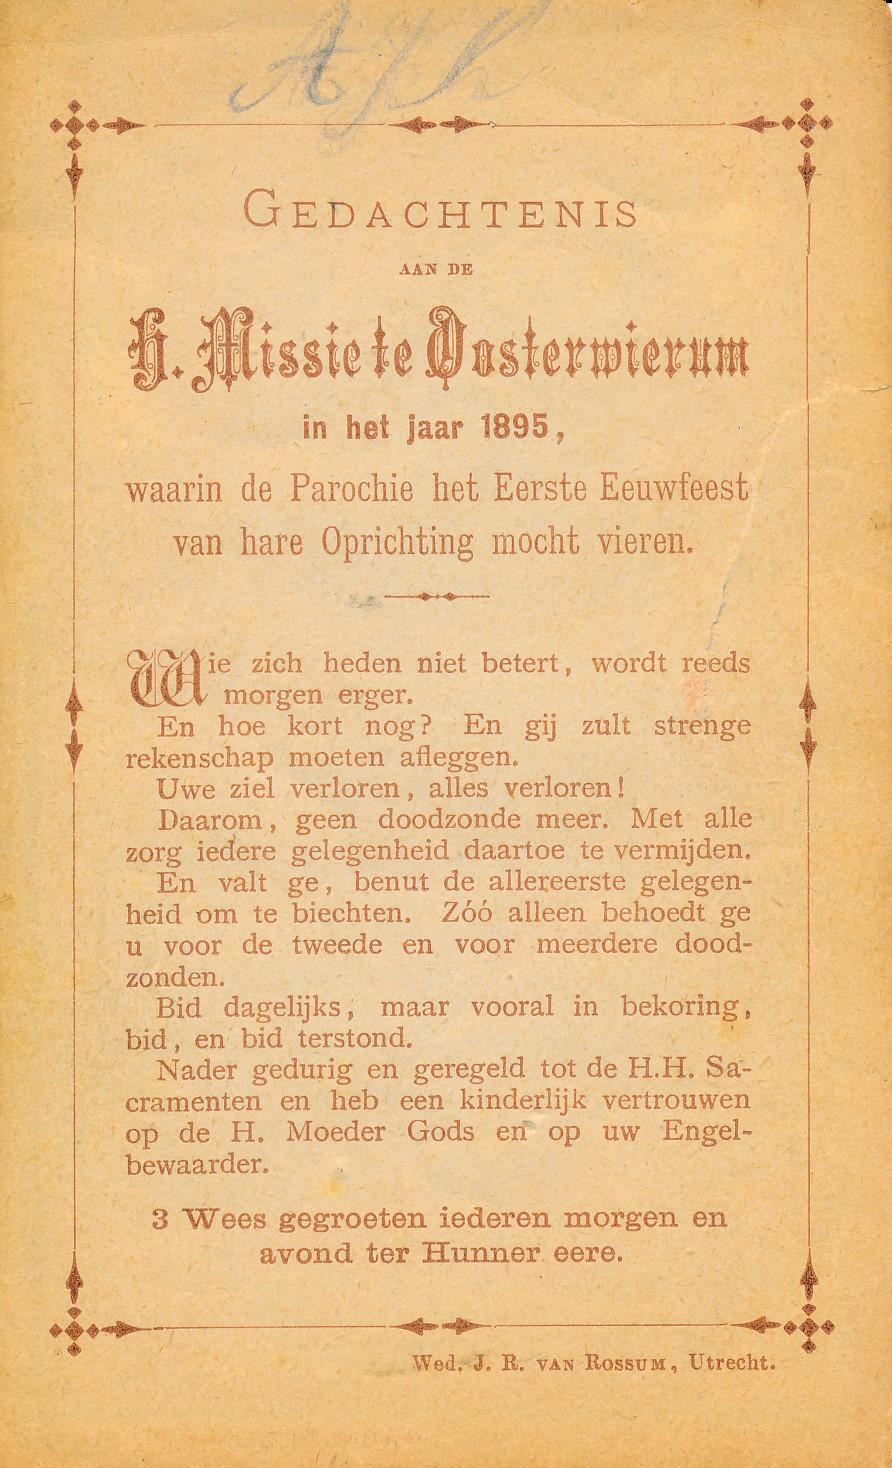 Fotoalbum Andre Kamsma, 114, Gedachtenis fan aan de heilige missie te Oosterwierum,1895, Eerste eeuwfeest parochie